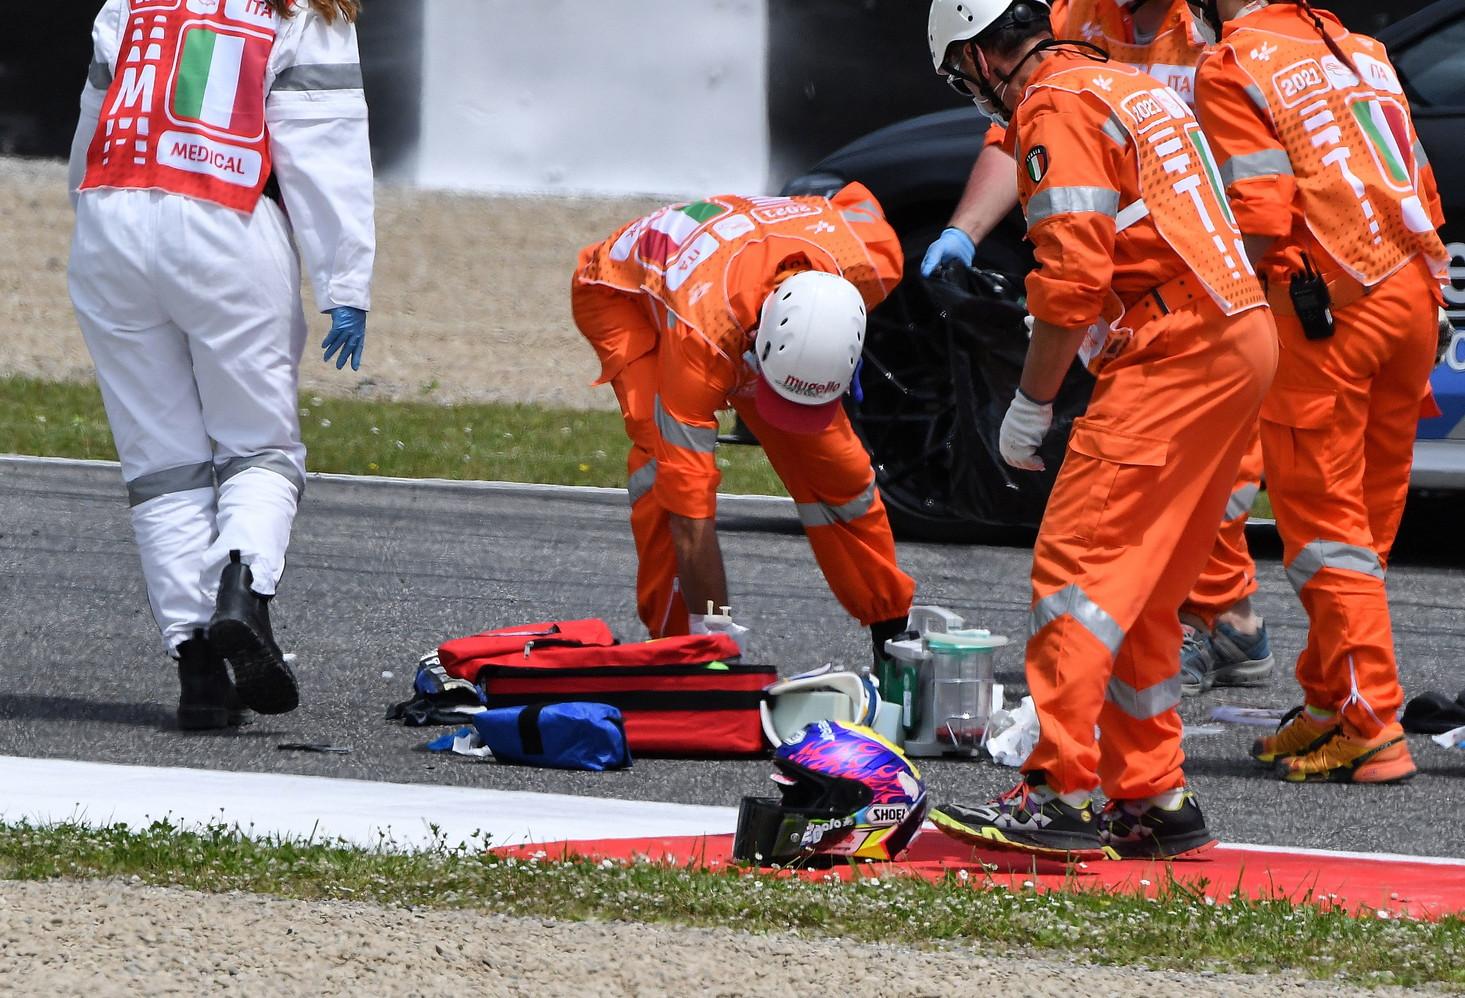 Versa in condizioni molto serie, con ferite gravi, il pilota svizzero Jason Dupasquier, vittima nel pomeriggio di un grave incidente nel corso delle qualifiche di Moto3. Il 19enne &egrave; stato trasportato all&#39;ospedale Careggi di Firenze in elicottero dove sar&agrave; sottoposto a degli interventi chirurgici.<br /><br />